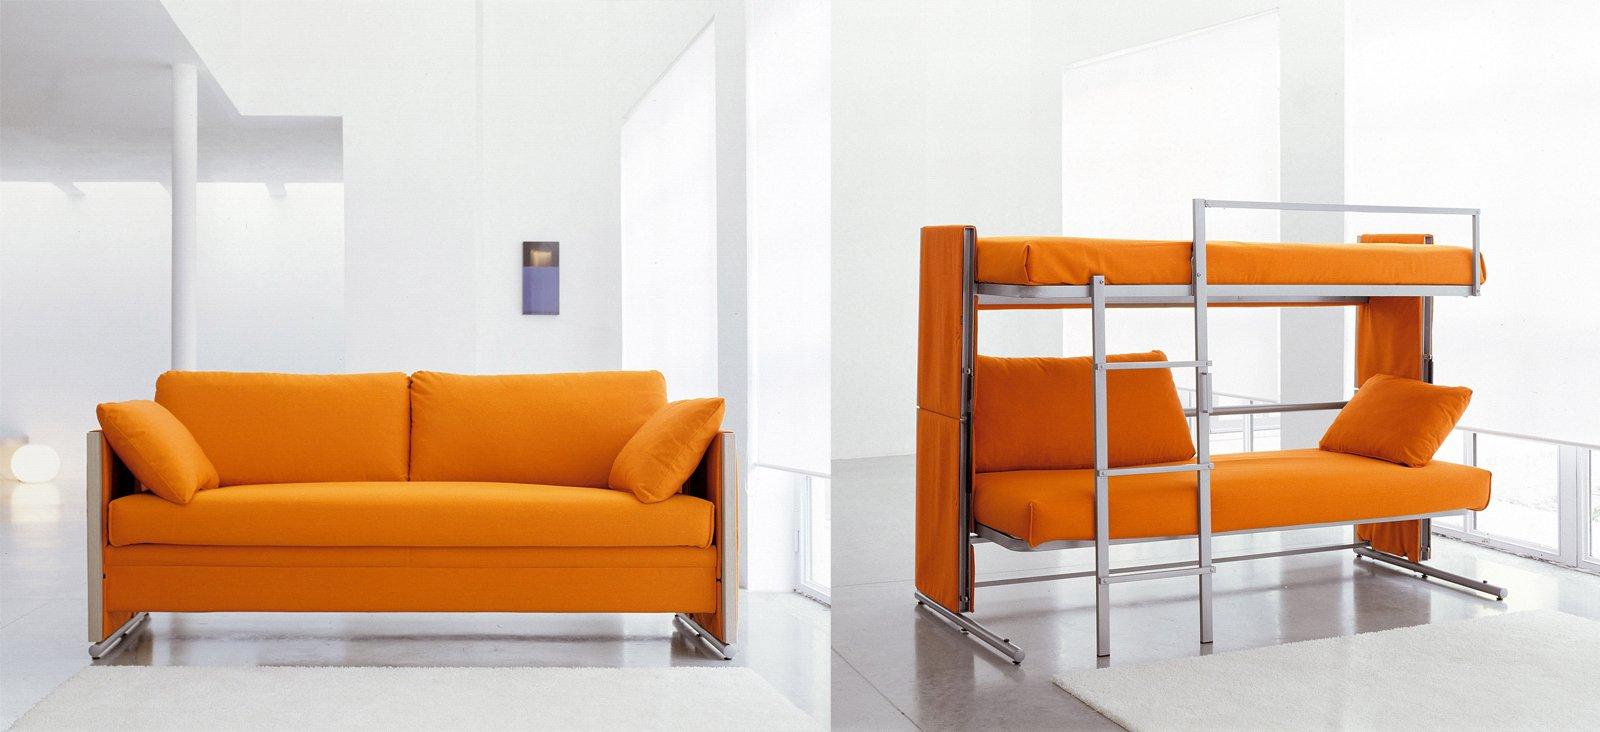 Divani letto per risparmiare spazio cose di casa - Divano letto a scomparsa prezzo ...